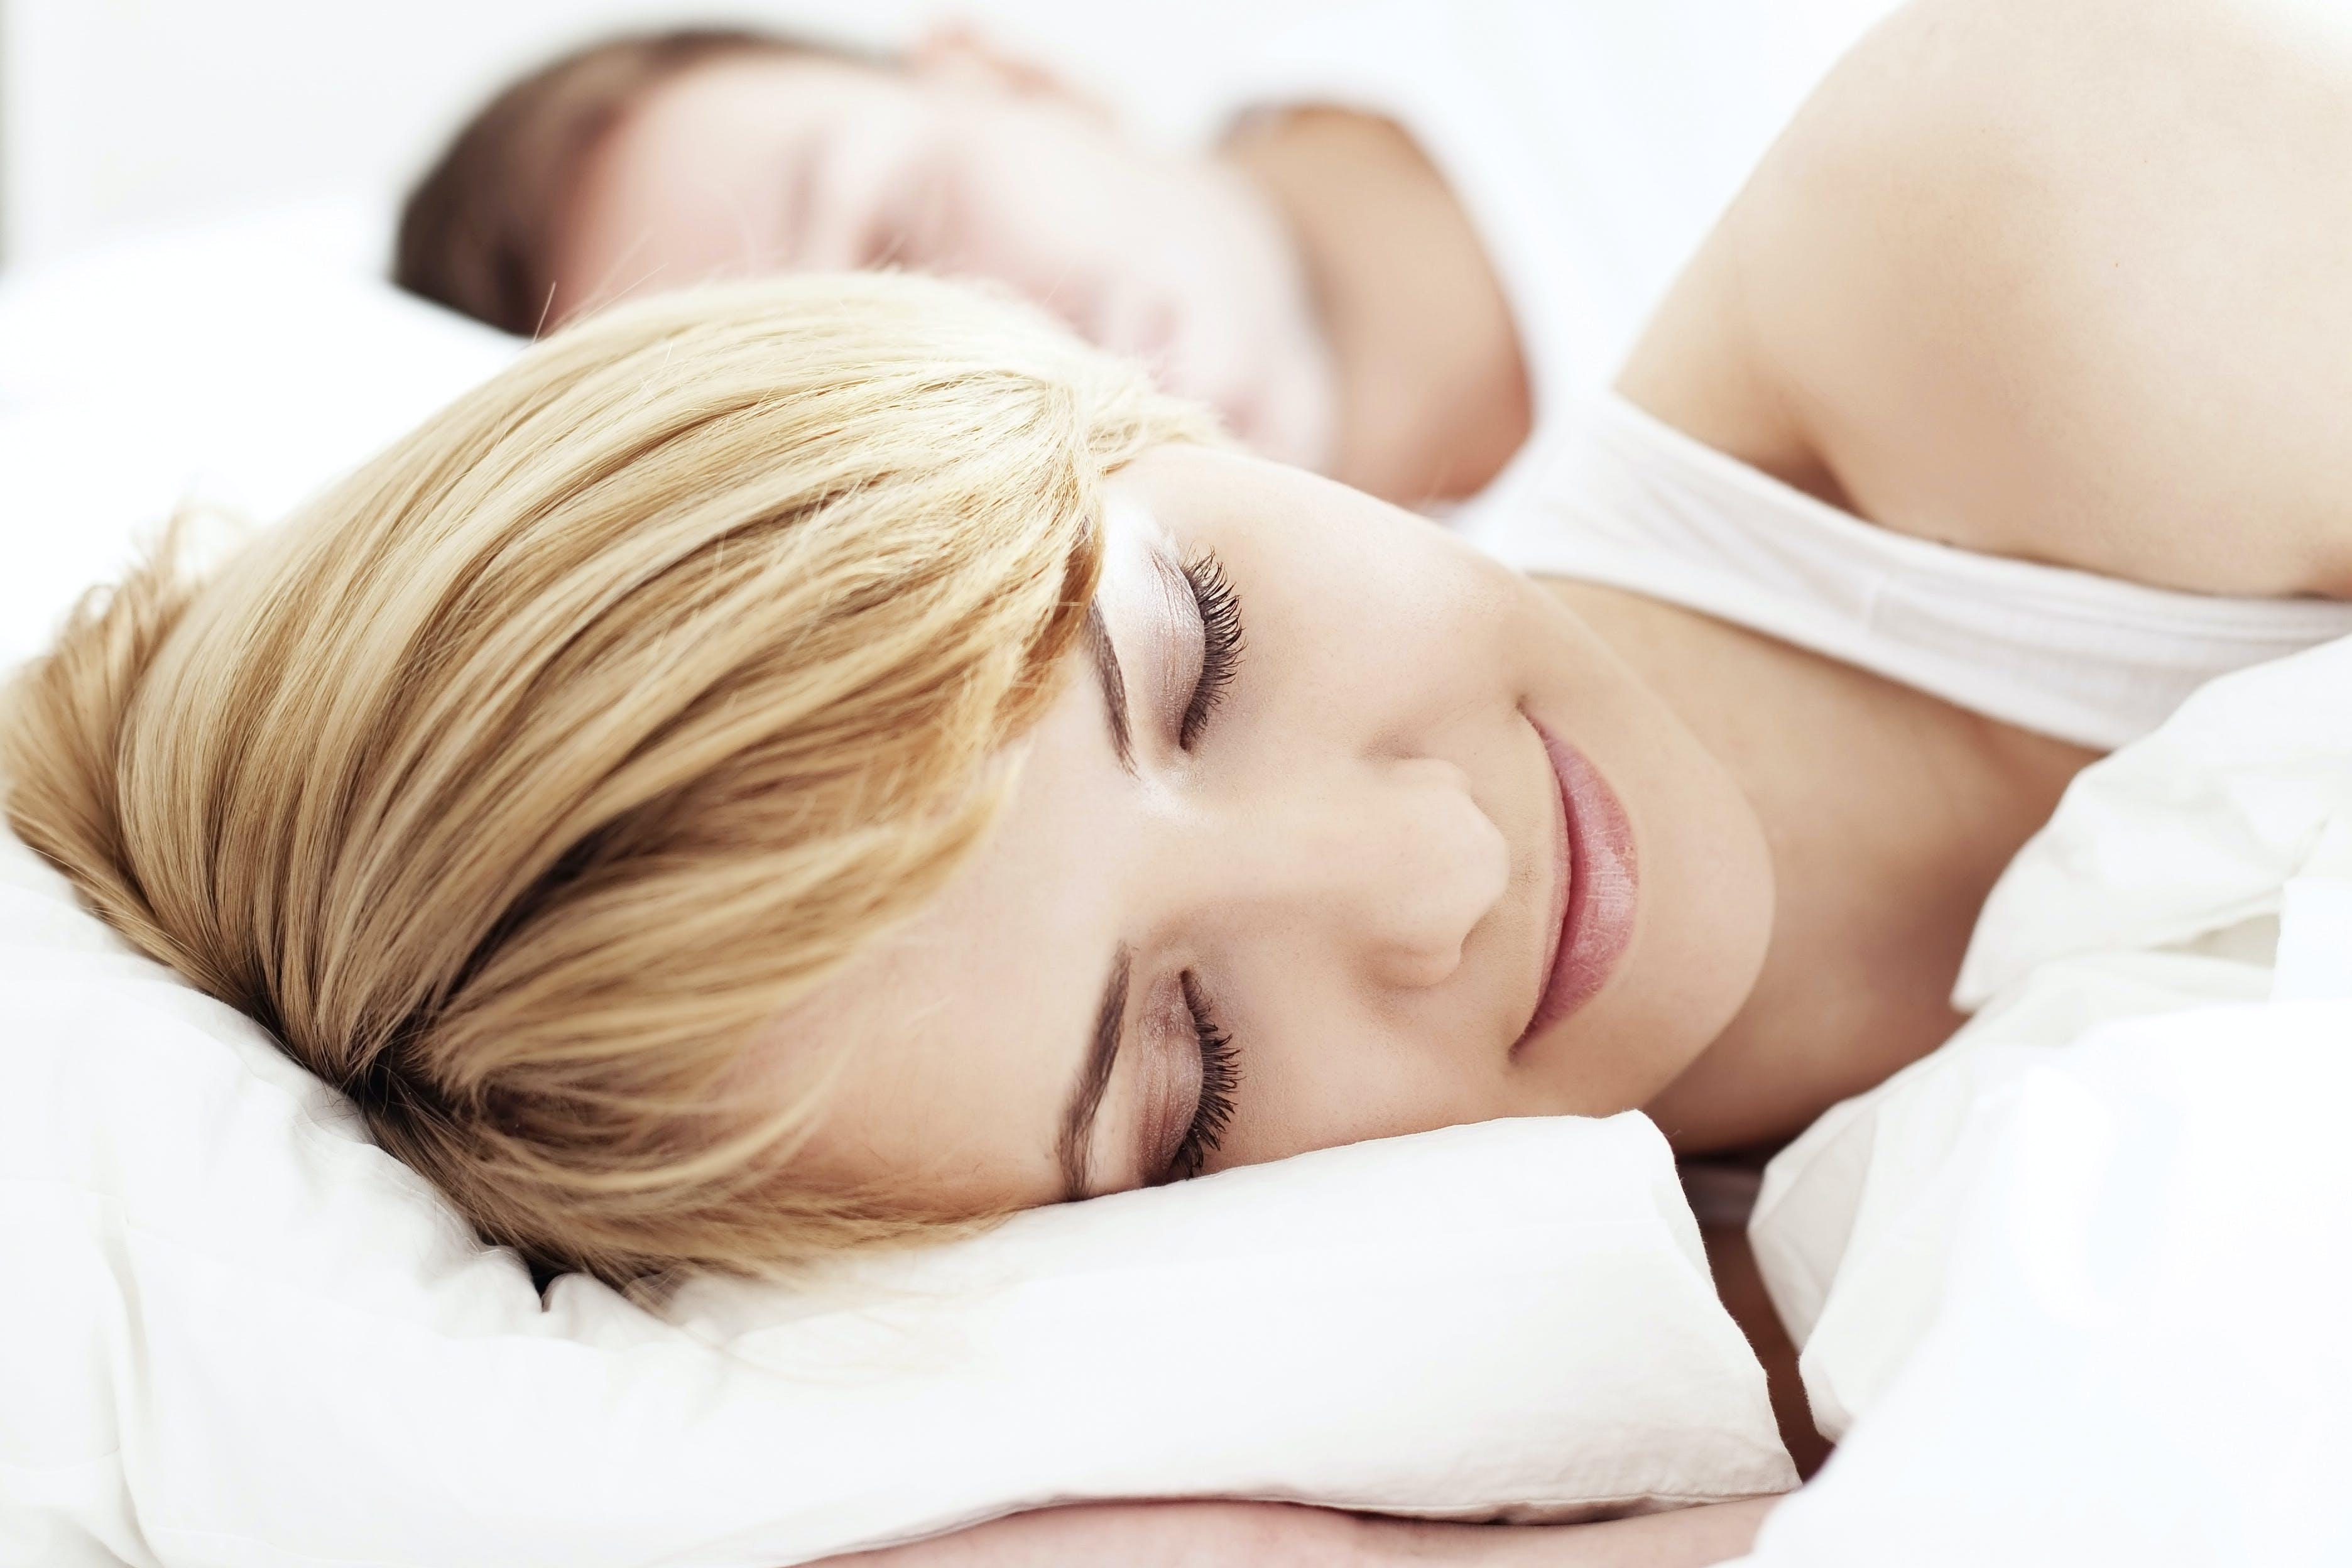 kvinne orgasme i søvne